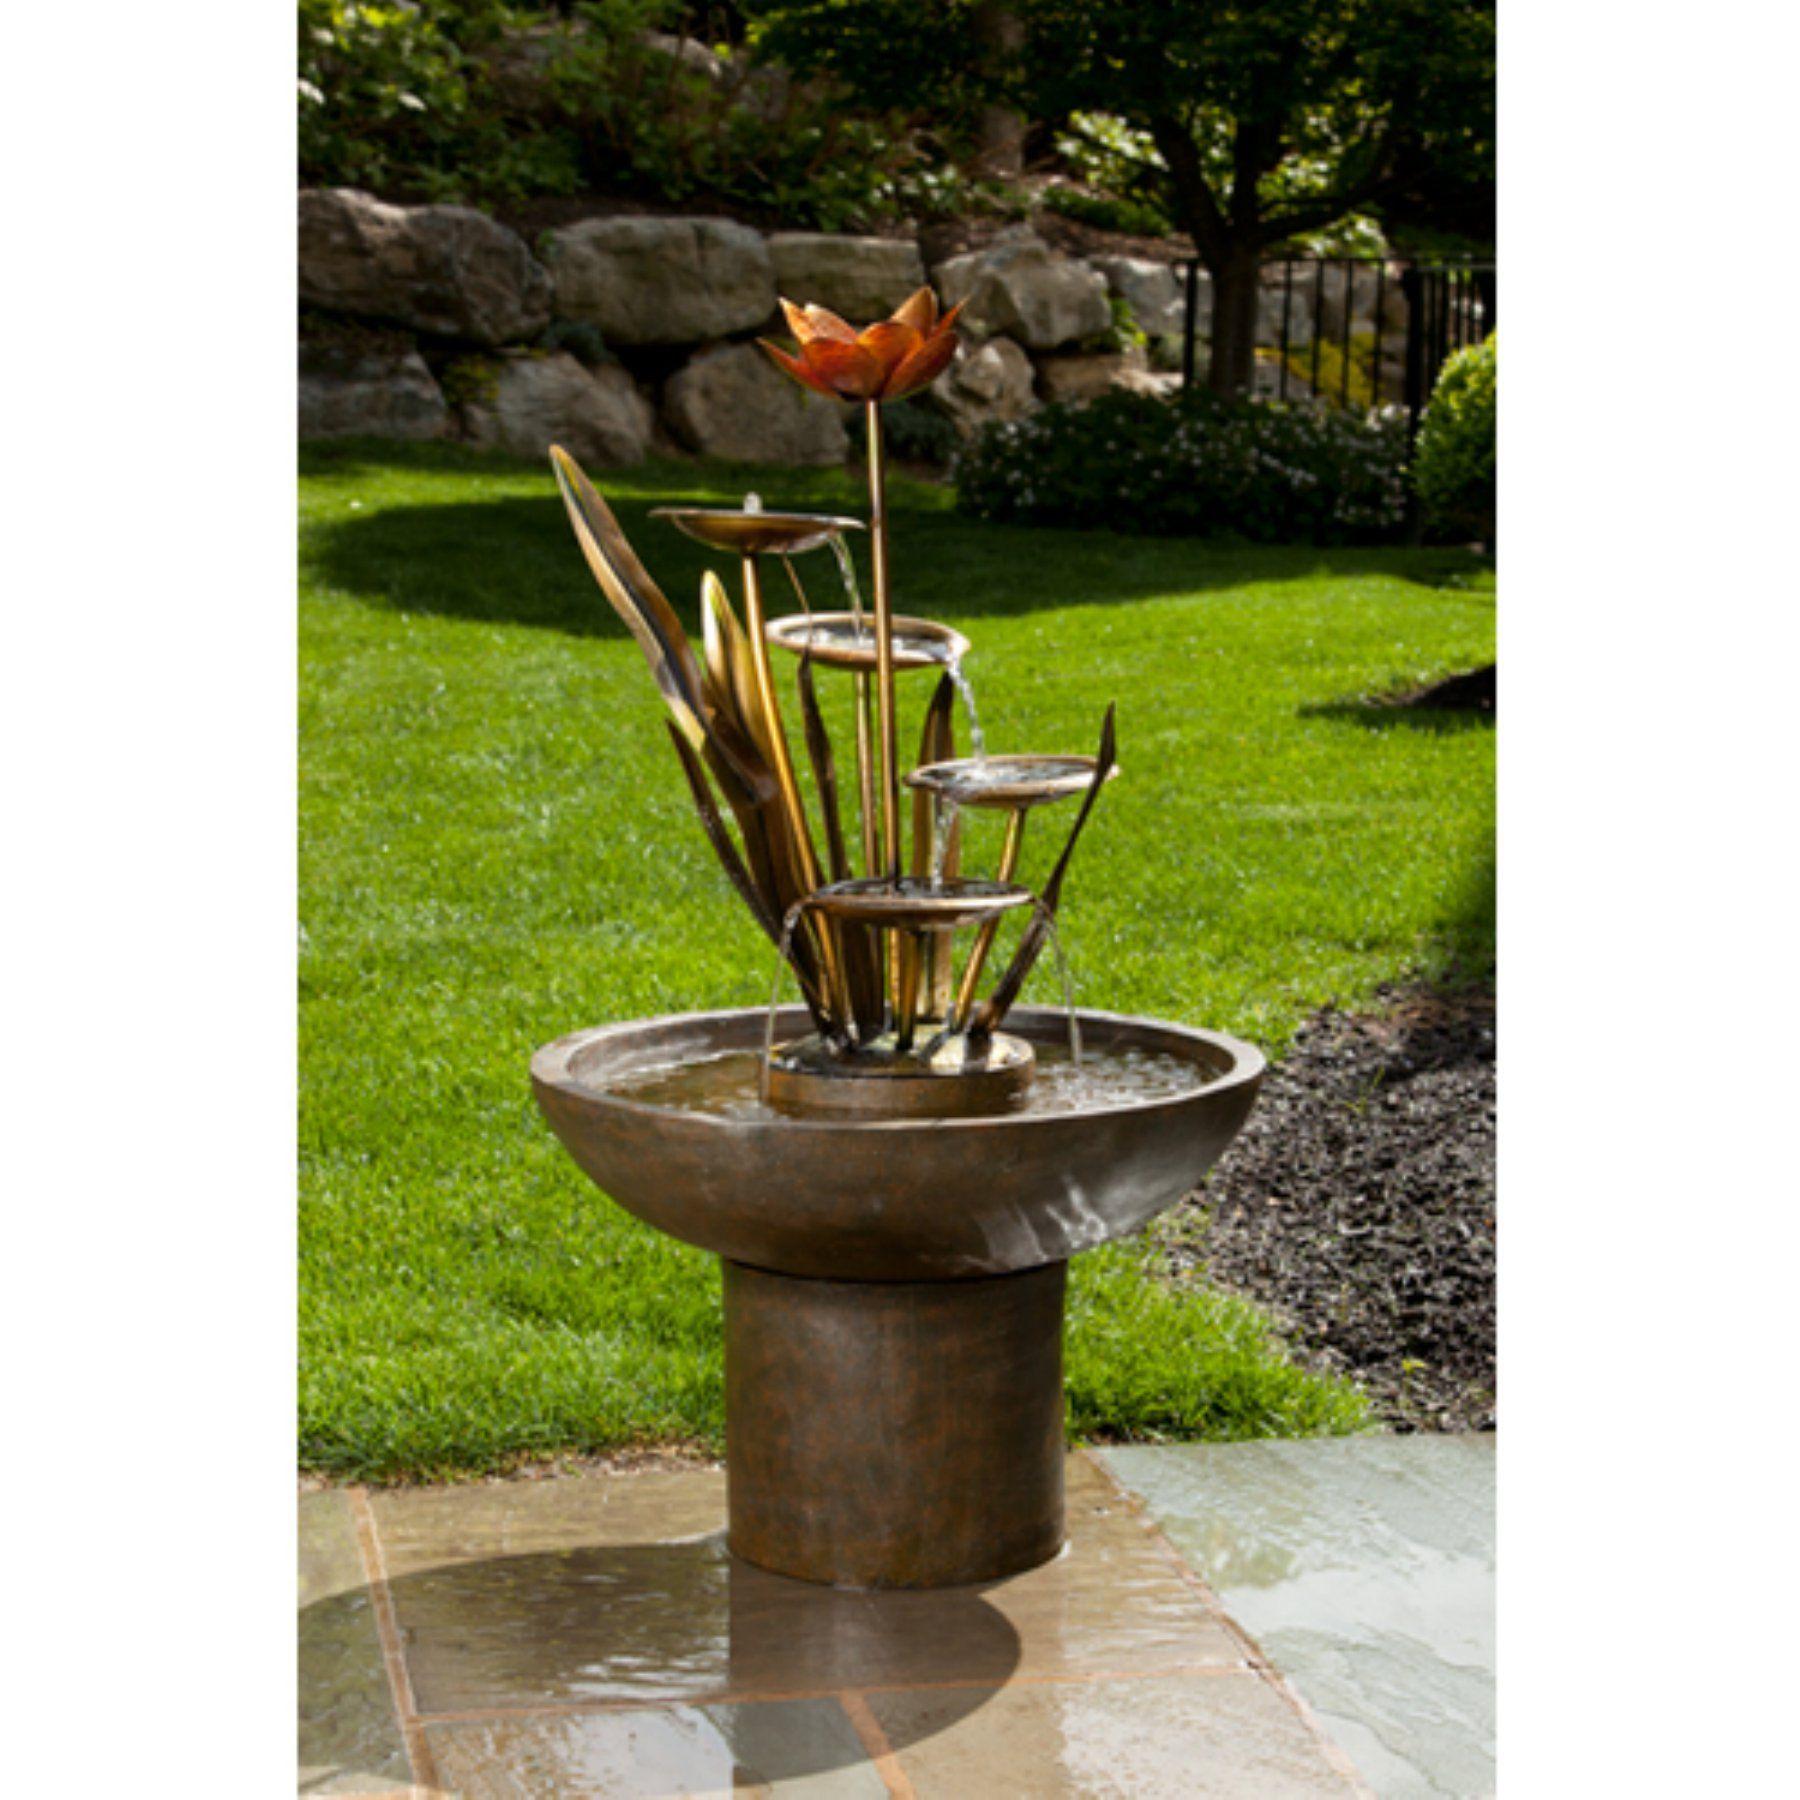 Alfresco Home Laghetto Outdoor Fountain - 74-8314